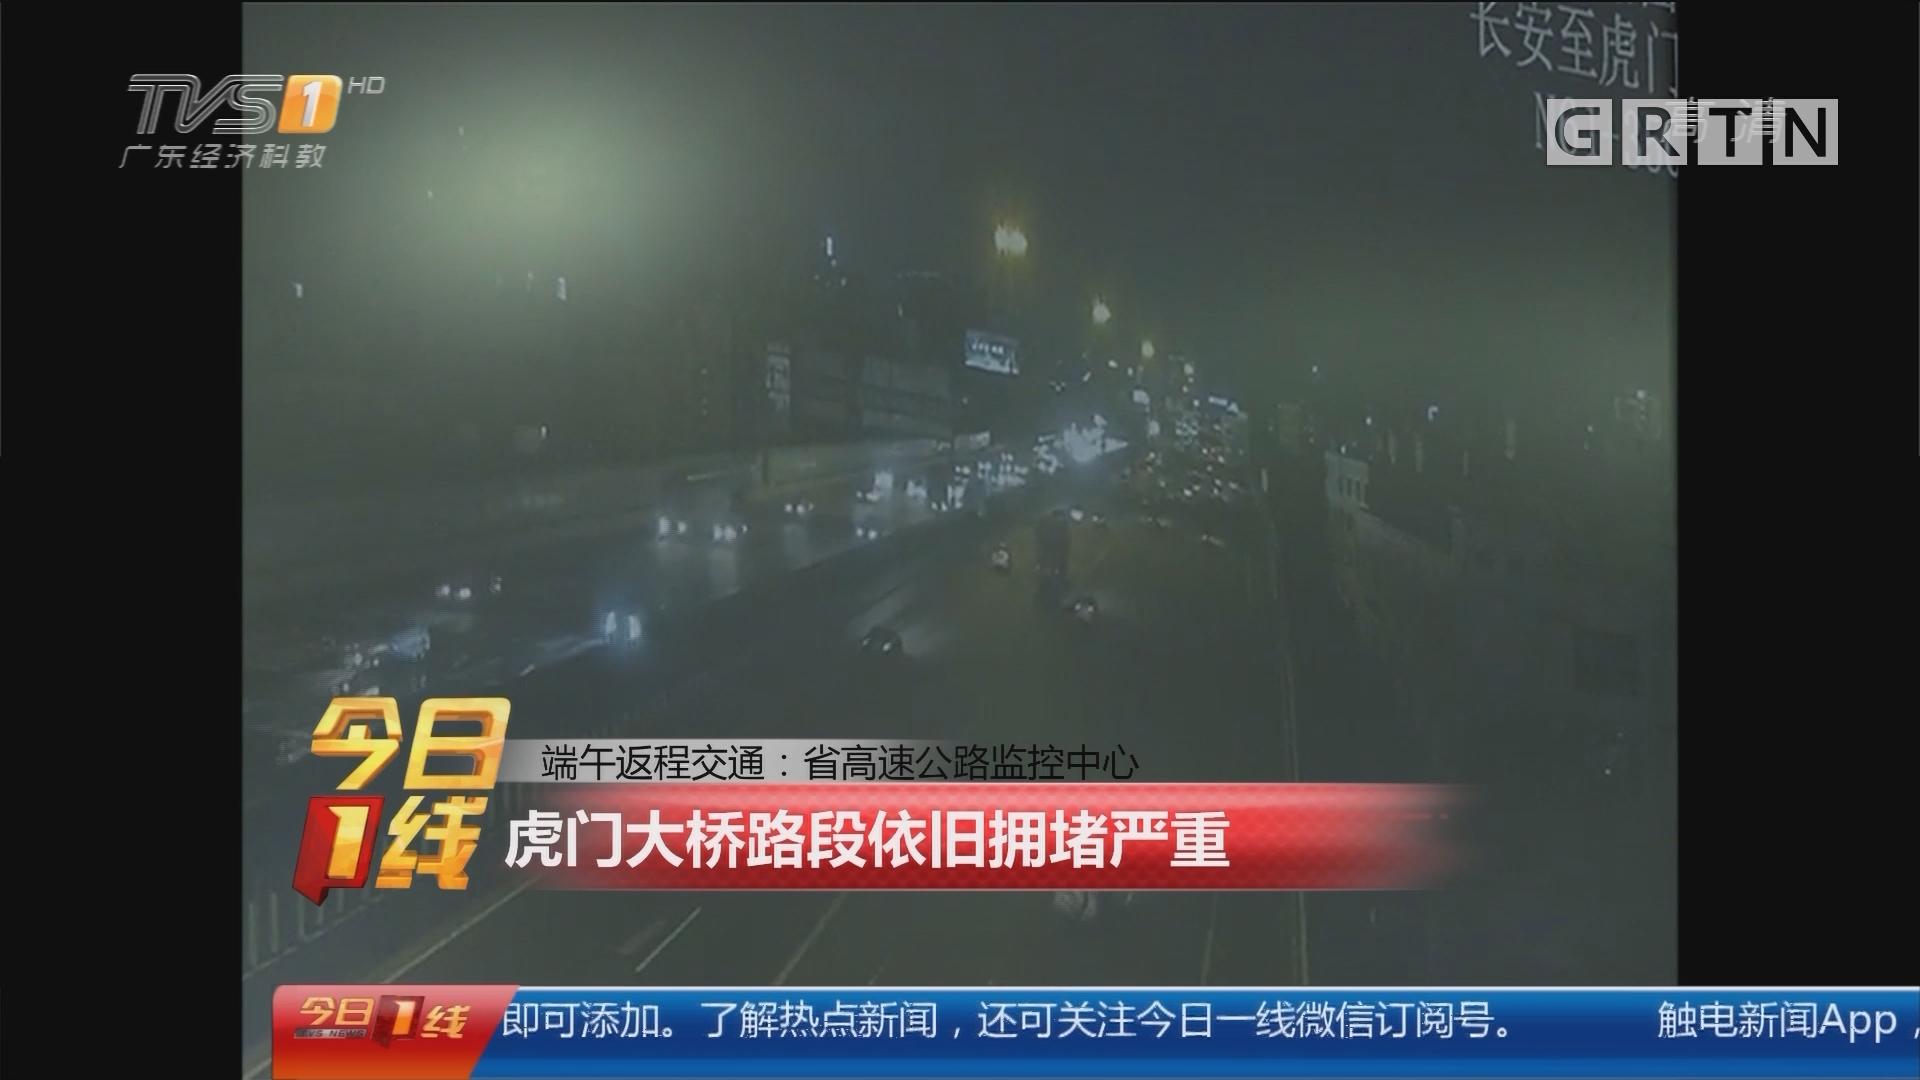 端午返程交通:省高速公路监控中心 虎门大桥路段依旧拥堵严重